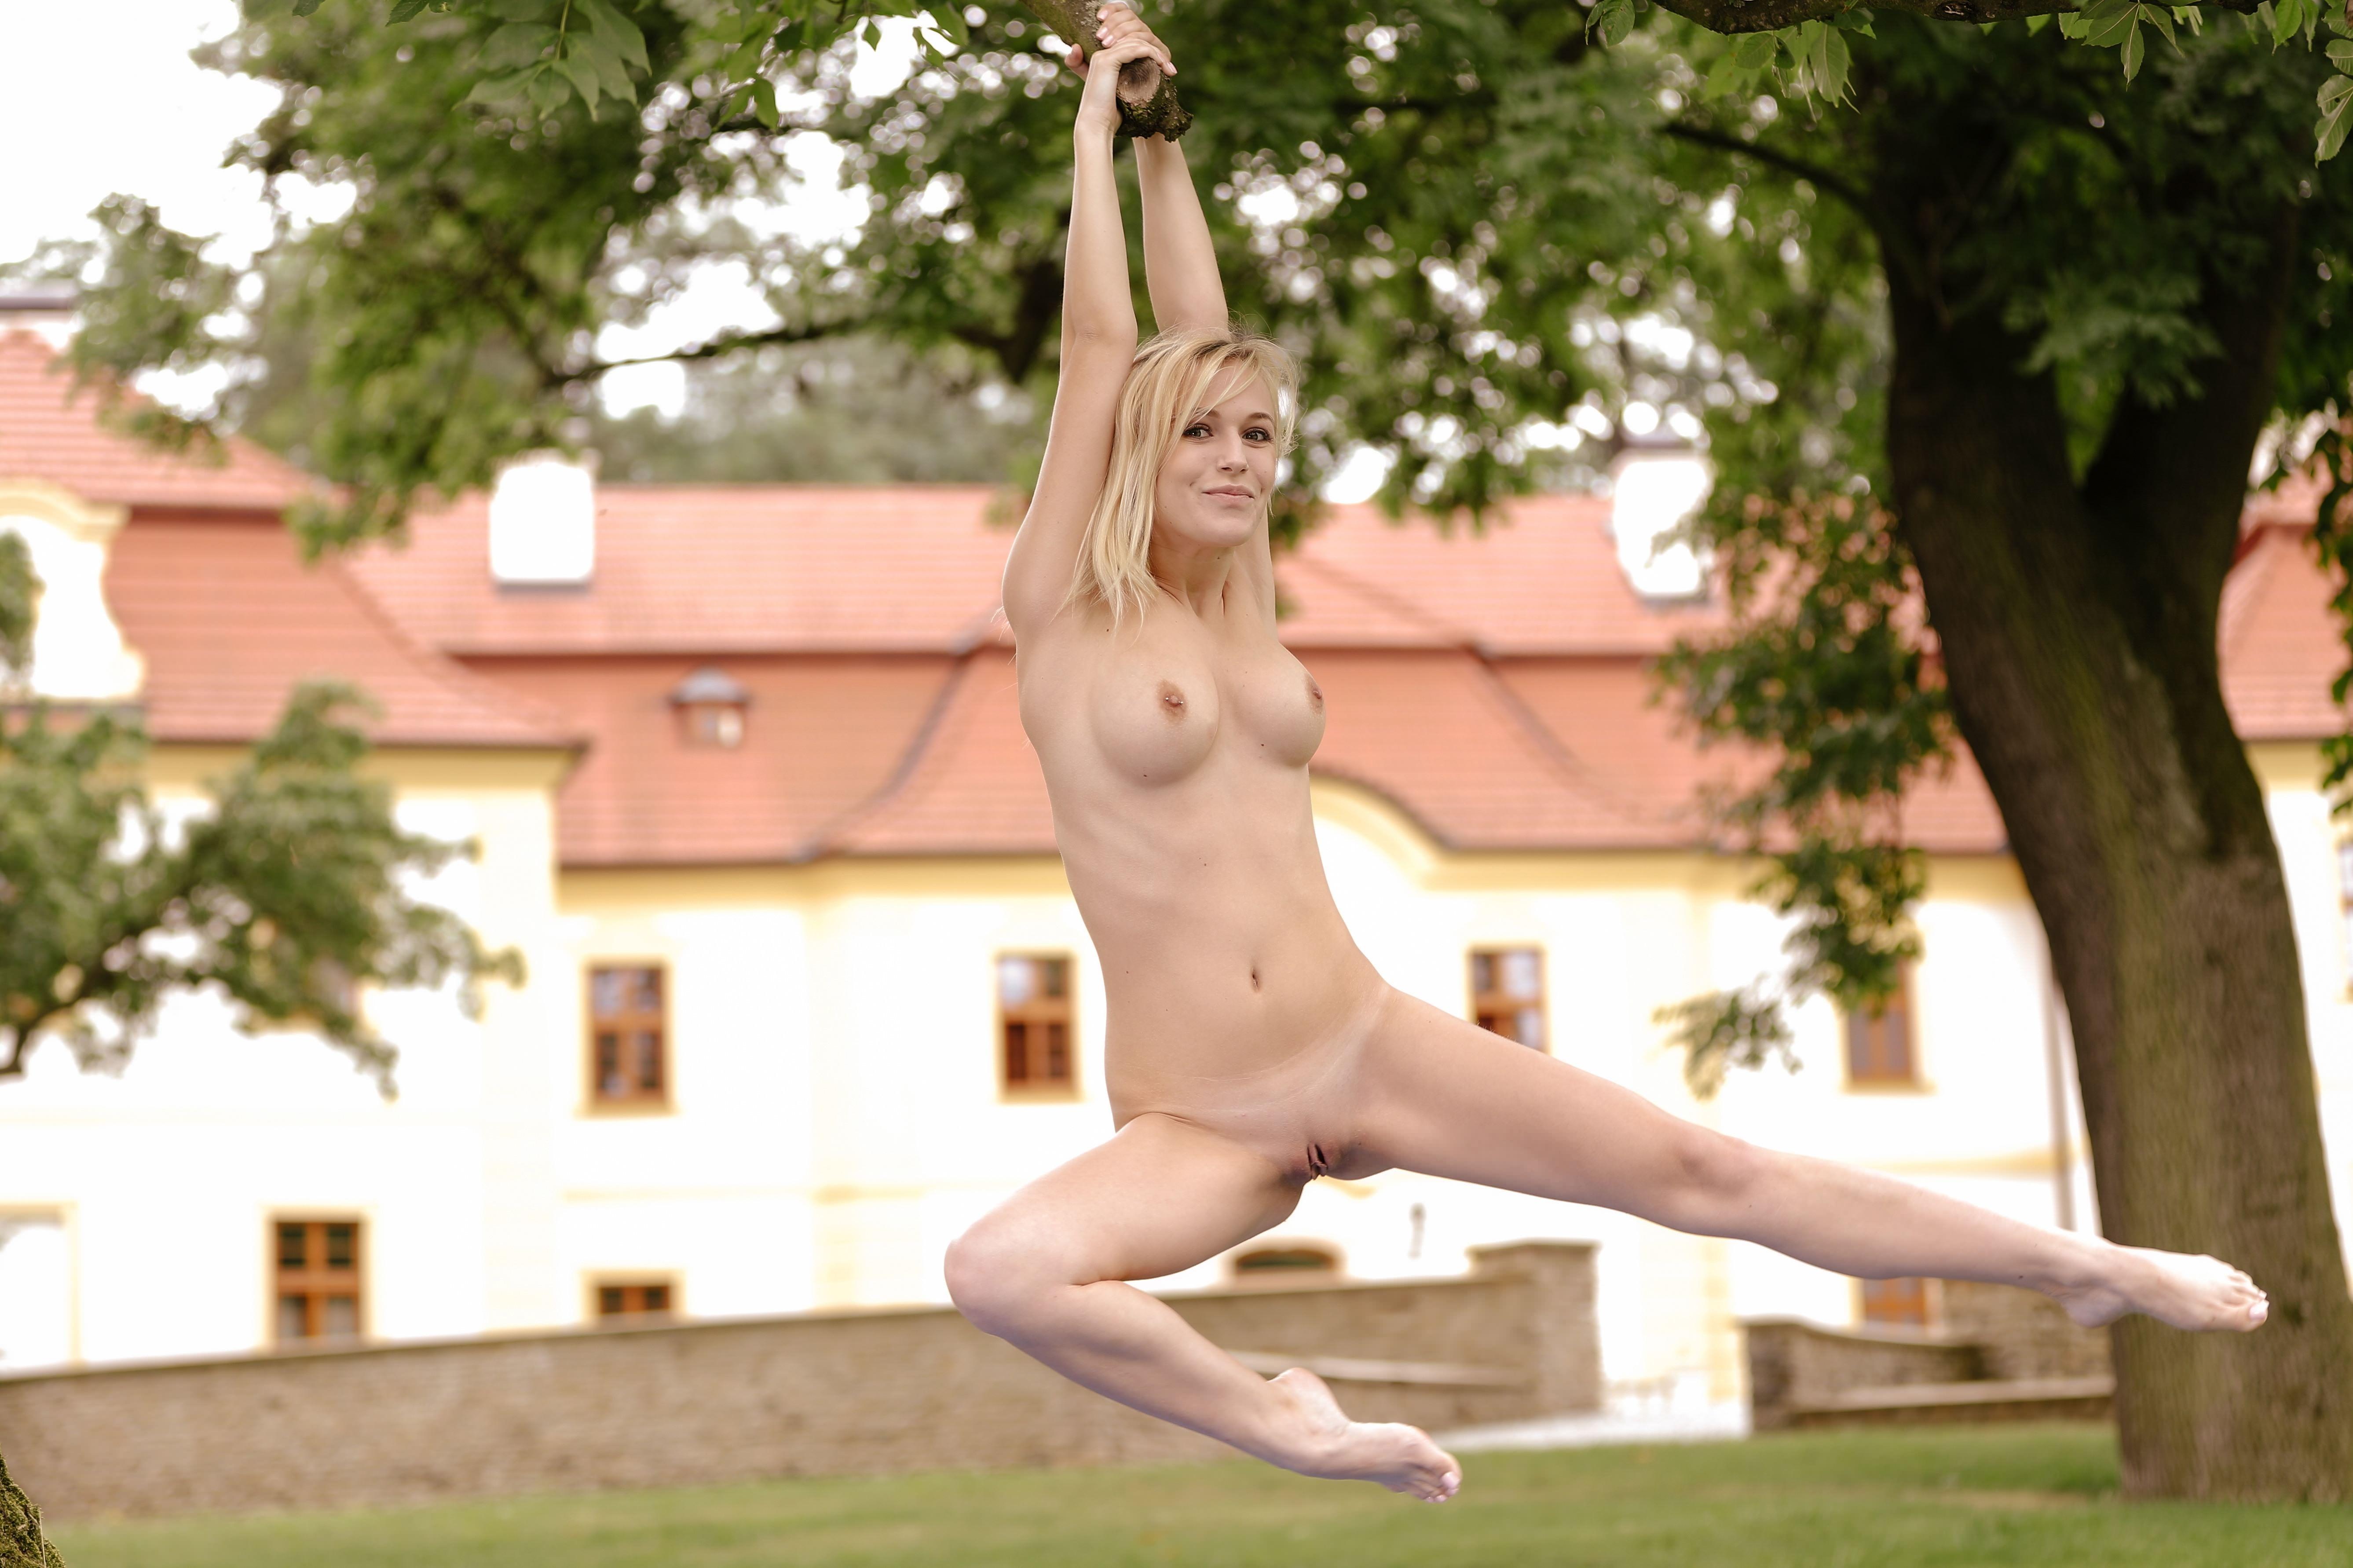 Фото Голая блондинка повисла на тарзанке, скачать картинку бесплатно